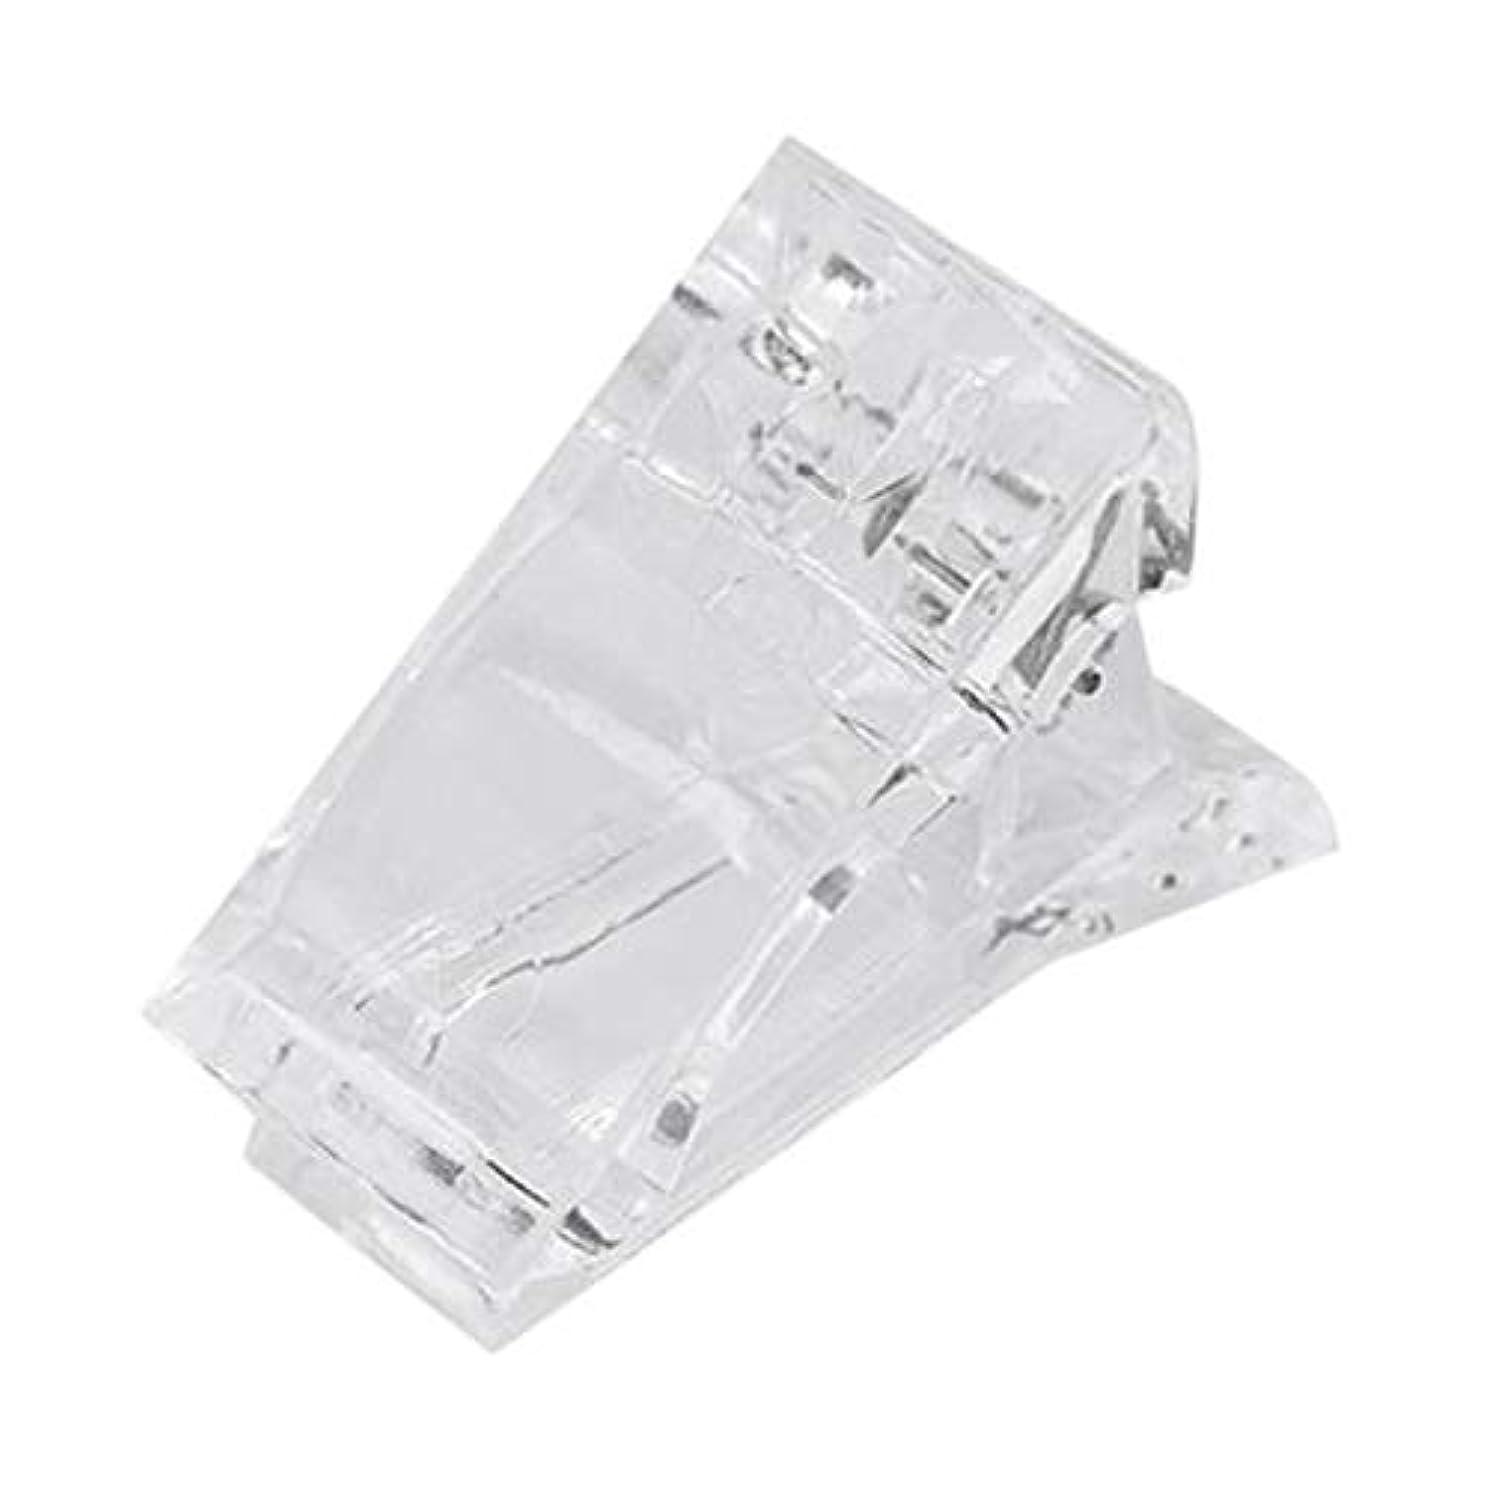 厳密に人種バタフライACAMPTAR ネイルのクリップ 透明指ポリクイック ビルディングジェルエクステンション ネイルアート マニキュアツール アクセサリー 偽ネイル